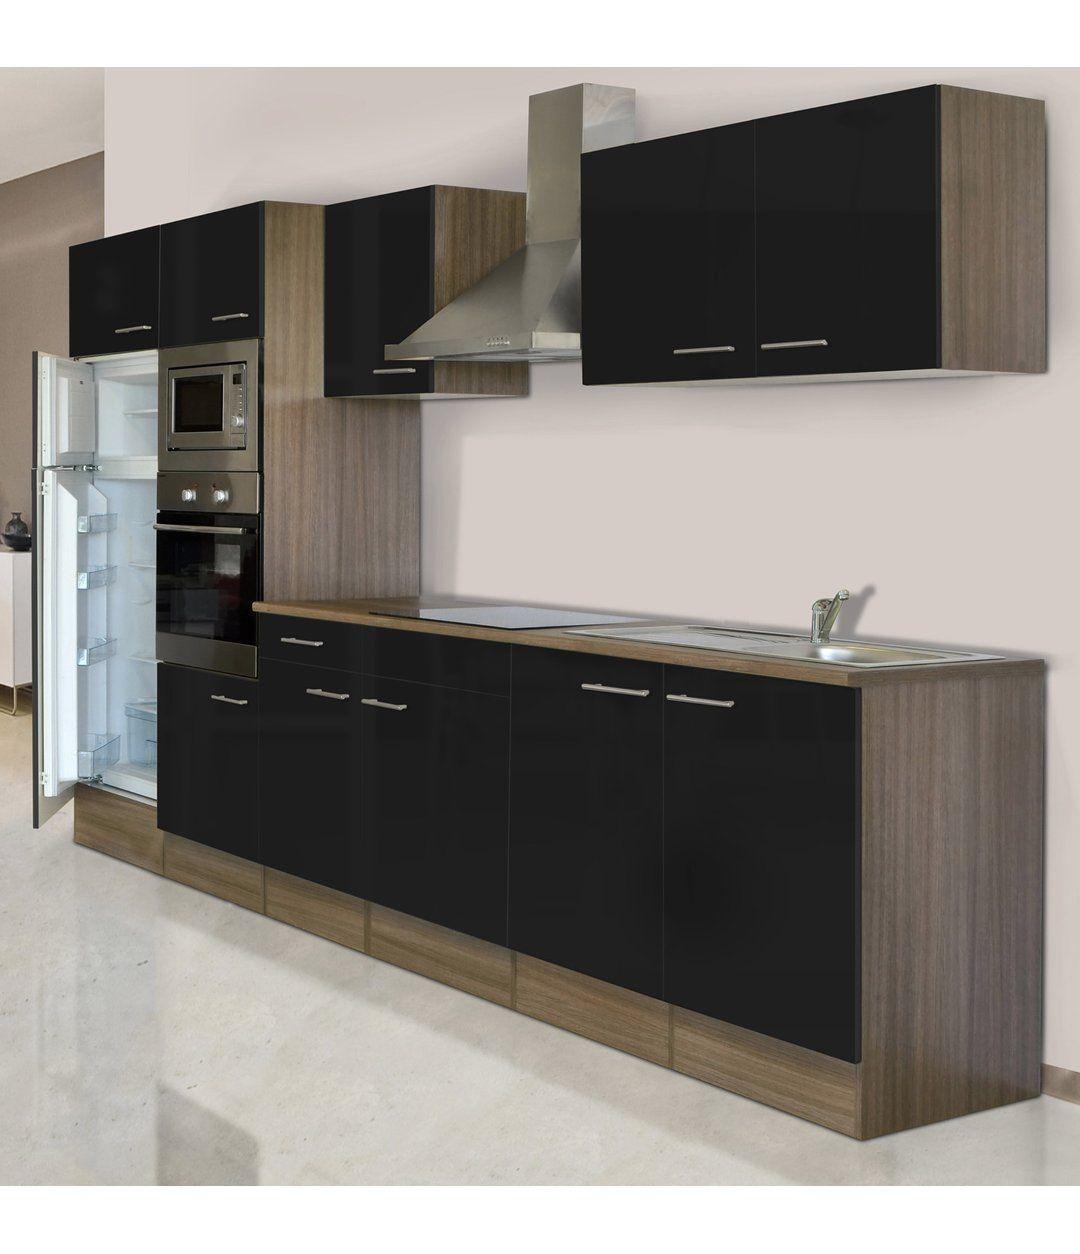 Respekta Küchenzeile KB330EYSMIGKE 330 cm SchwarzEiche